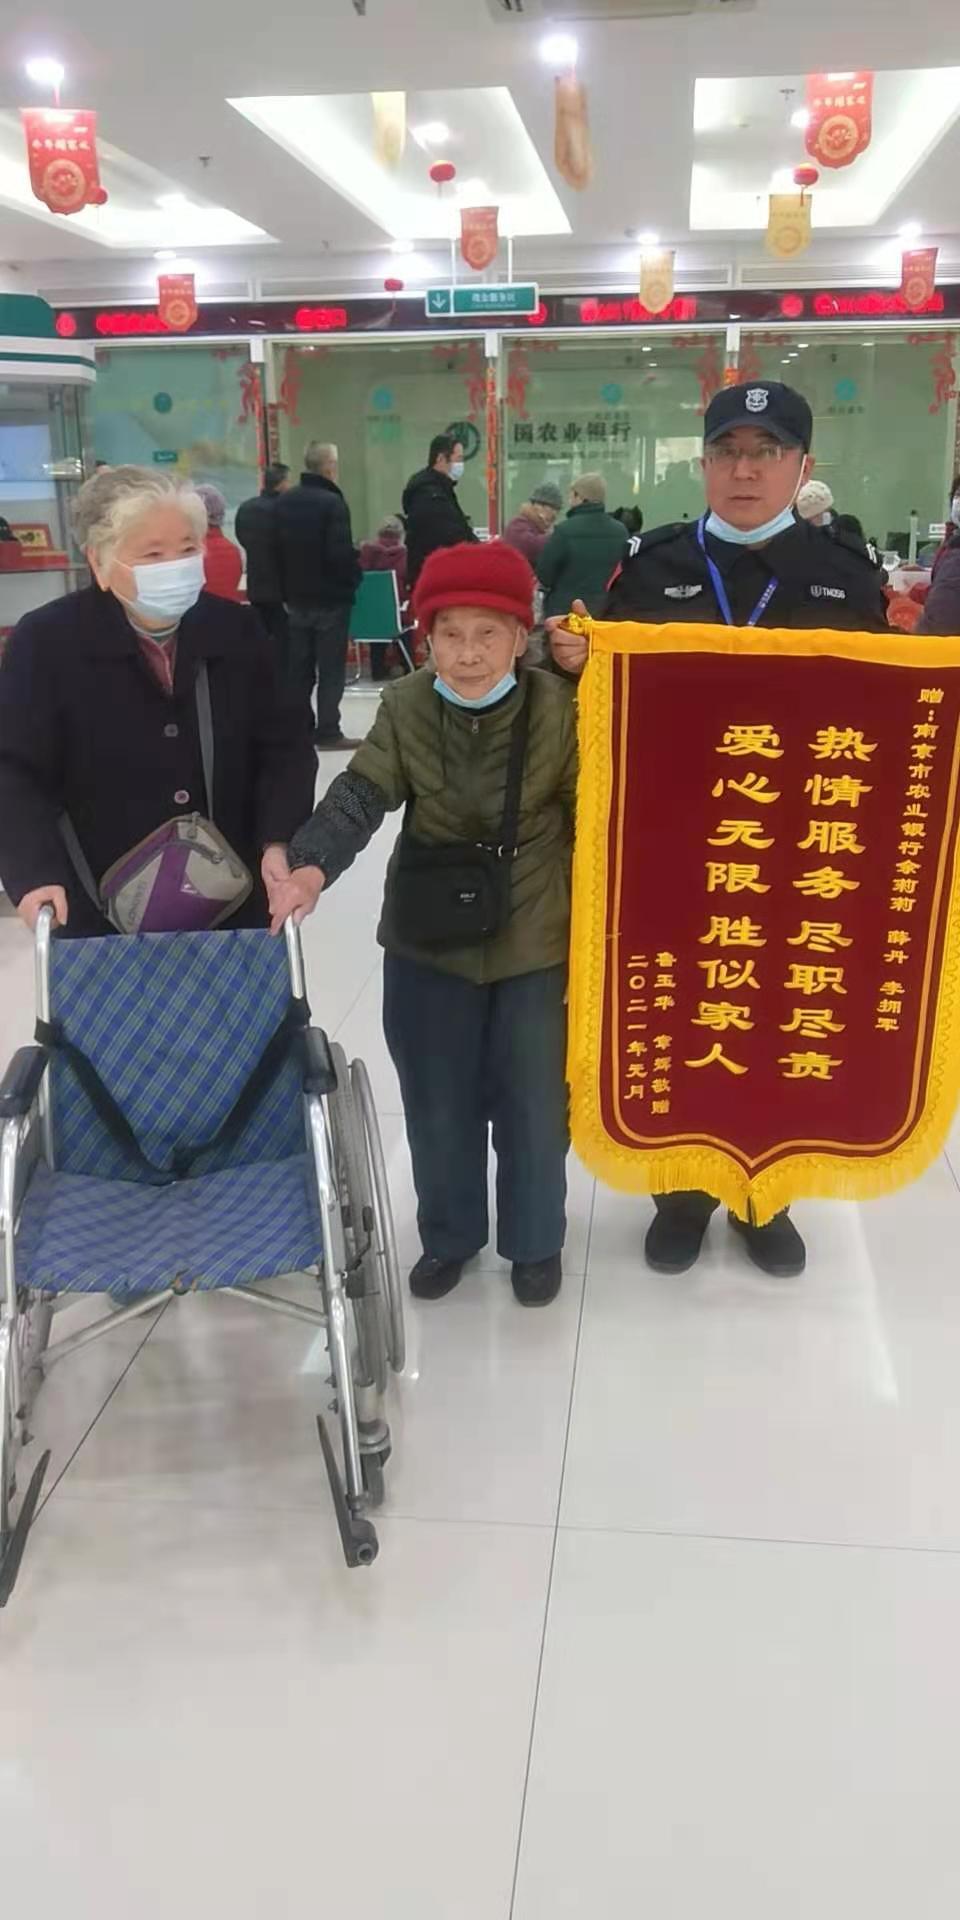 致江苏省南京市农业银行、江苏天名保安服务公司的感谢信